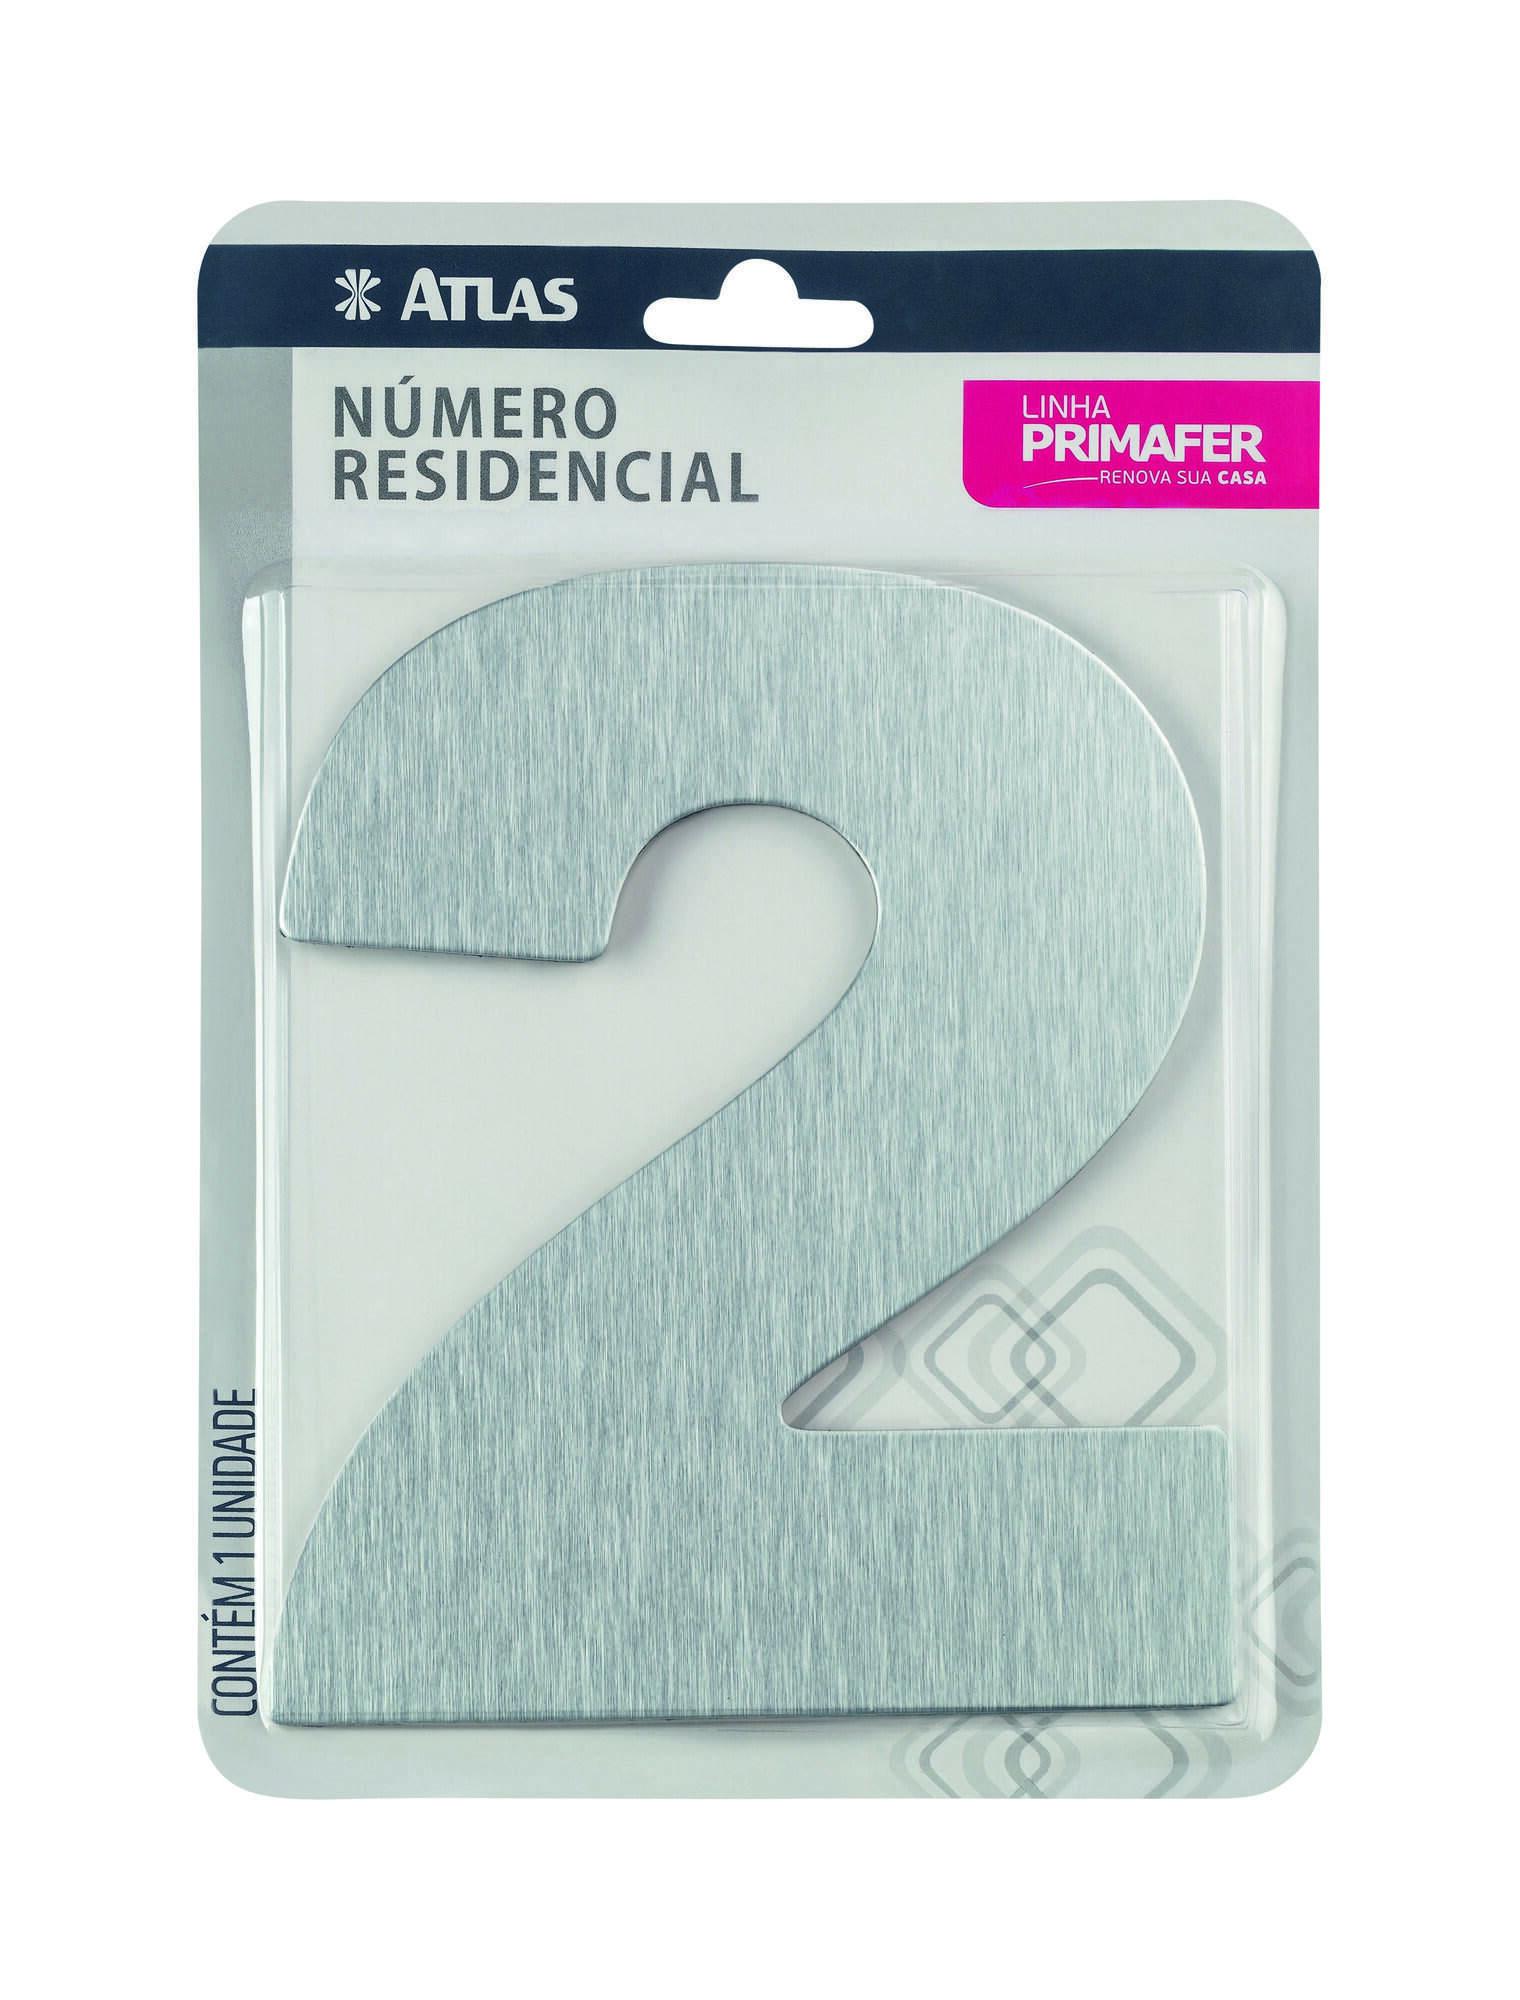 Número Residencial Adesivo Alumínio N° 2 Atlas PR3001/2.